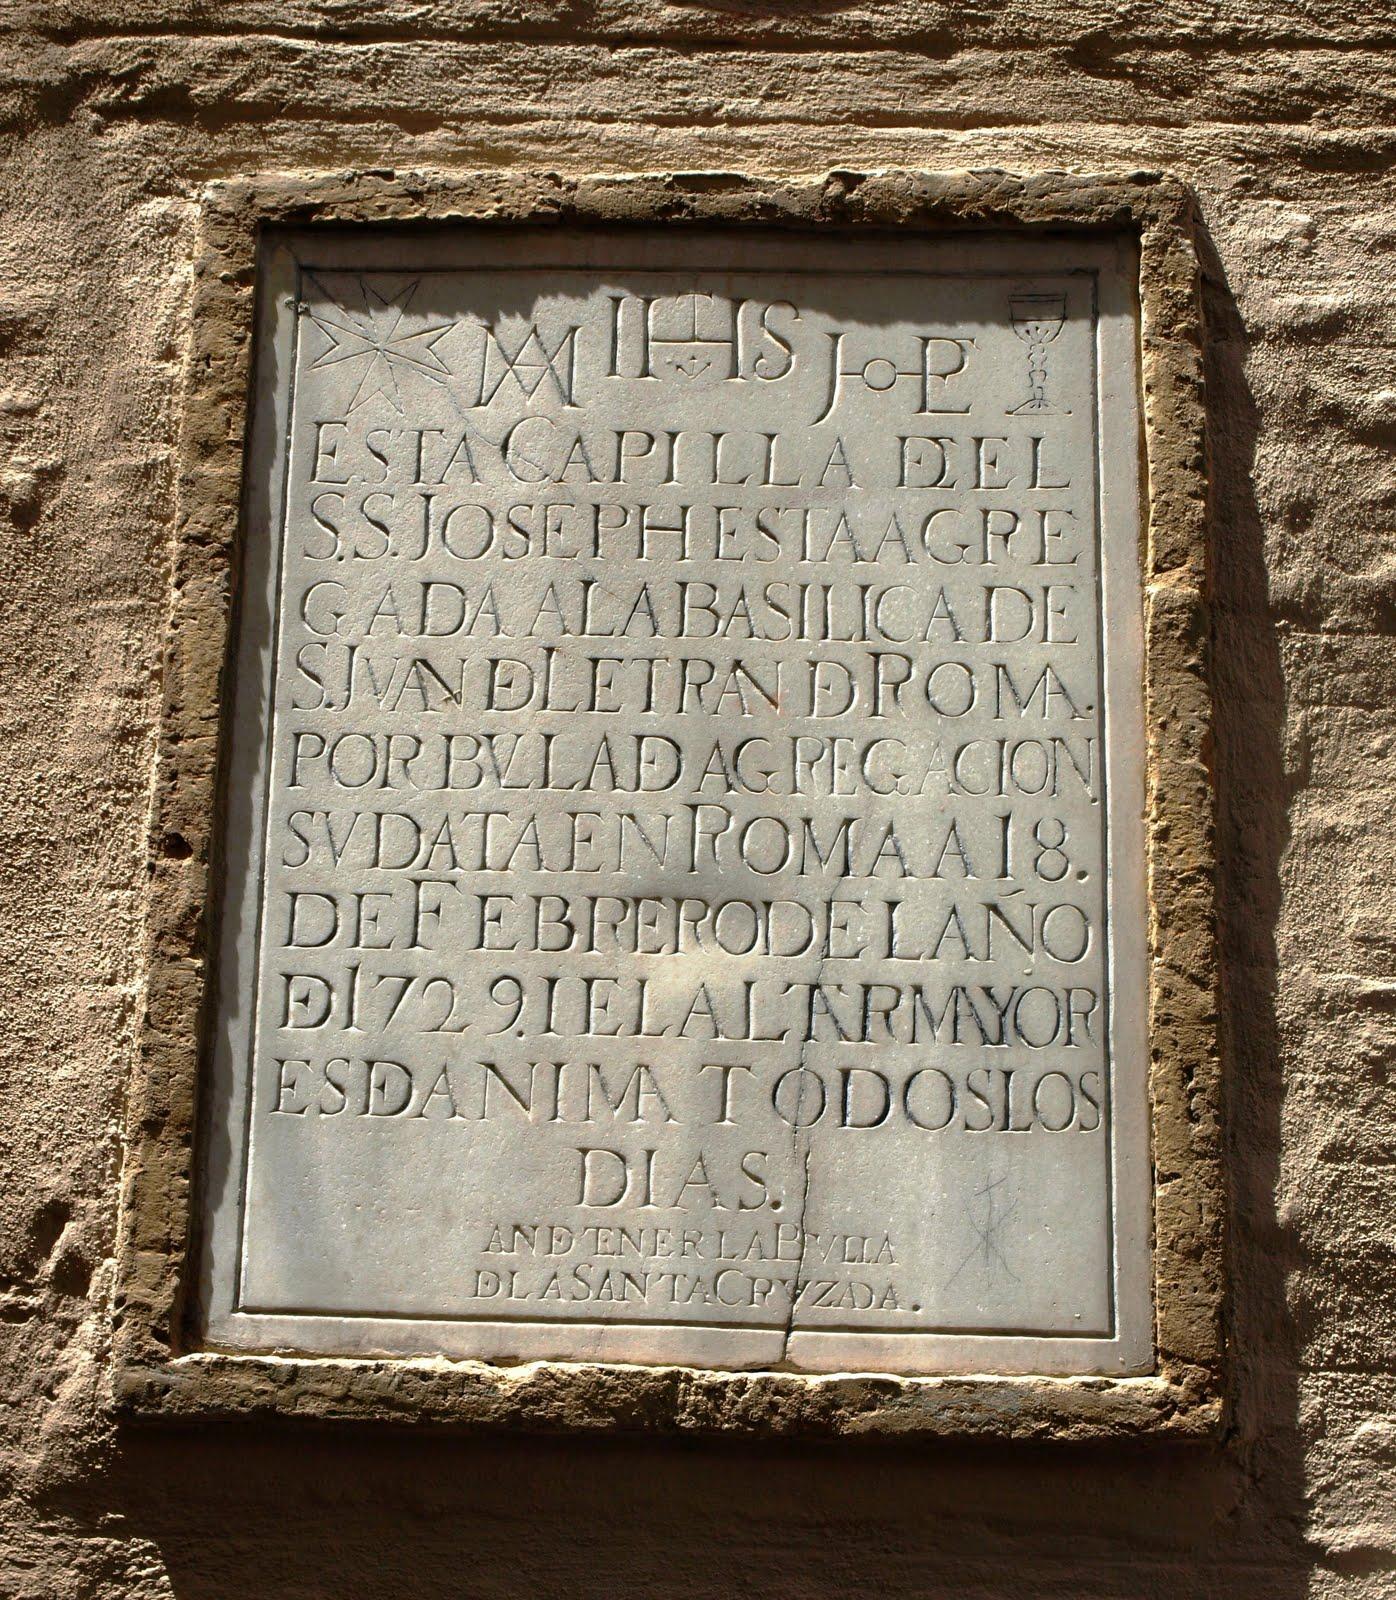 Paredes Archivos: Sevilla Daily Photo: Por San Juan De Letrán, En Roma